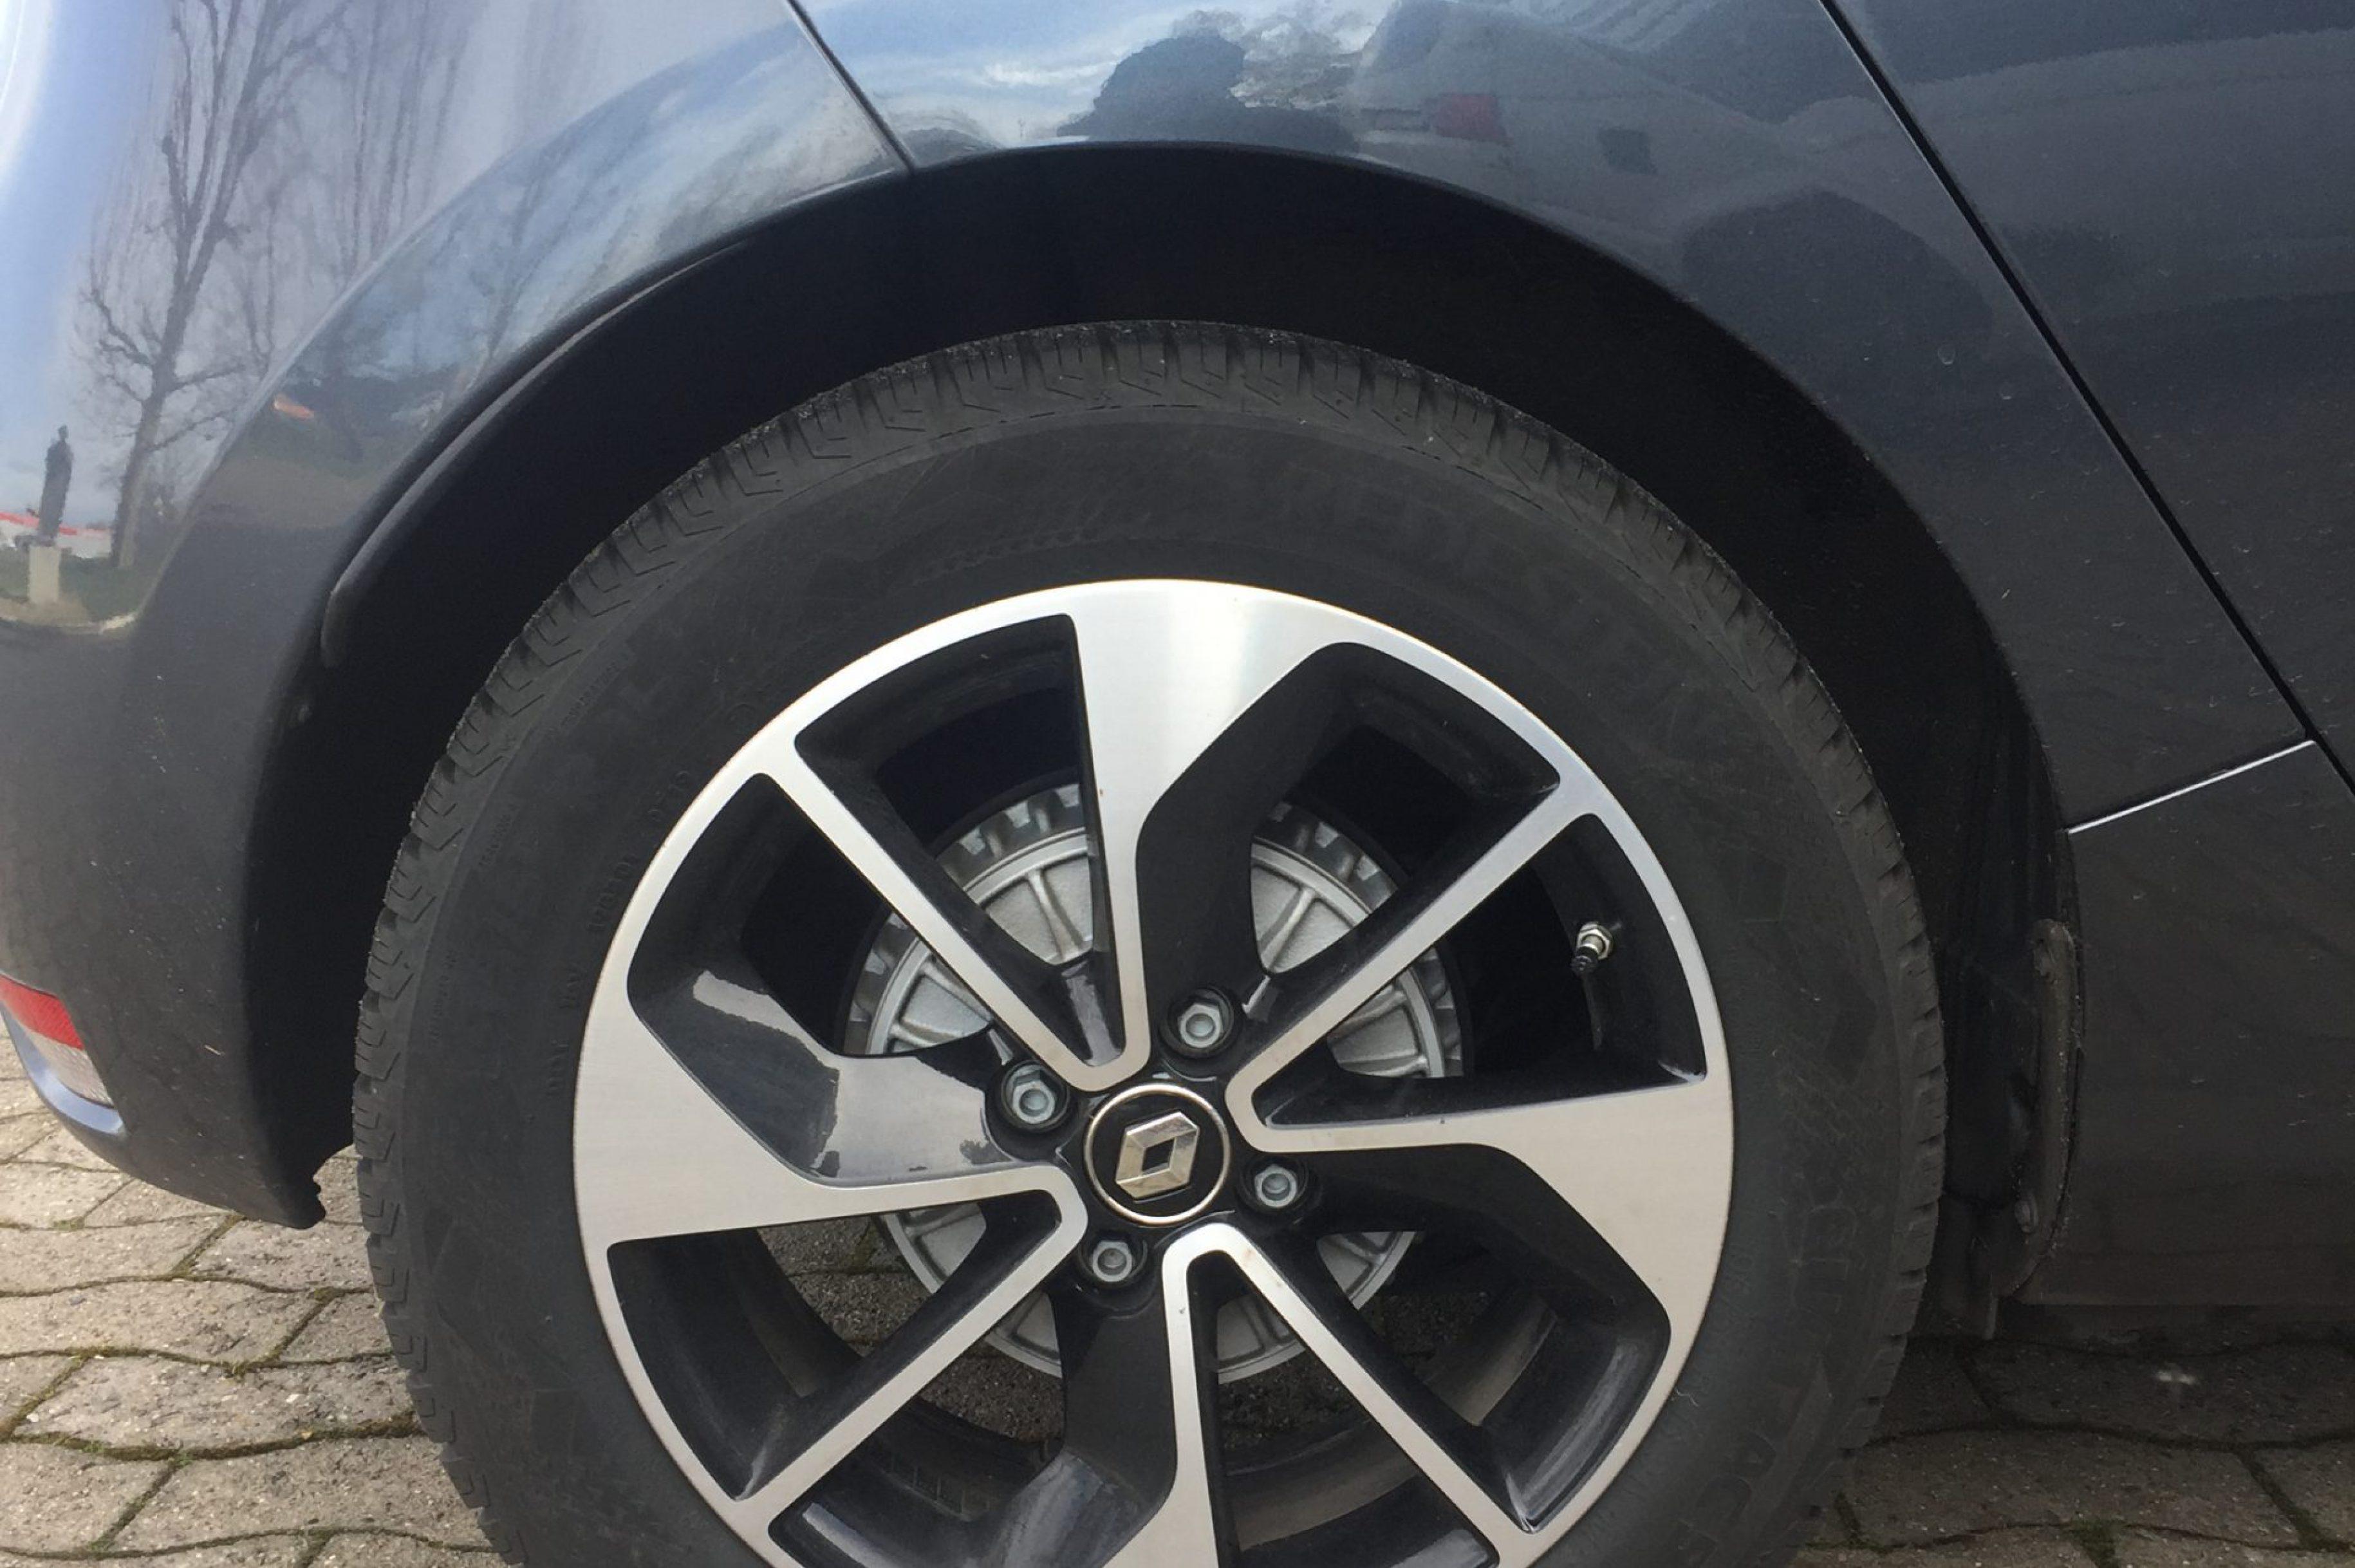 Reifenwechsel: Jetzt schon?